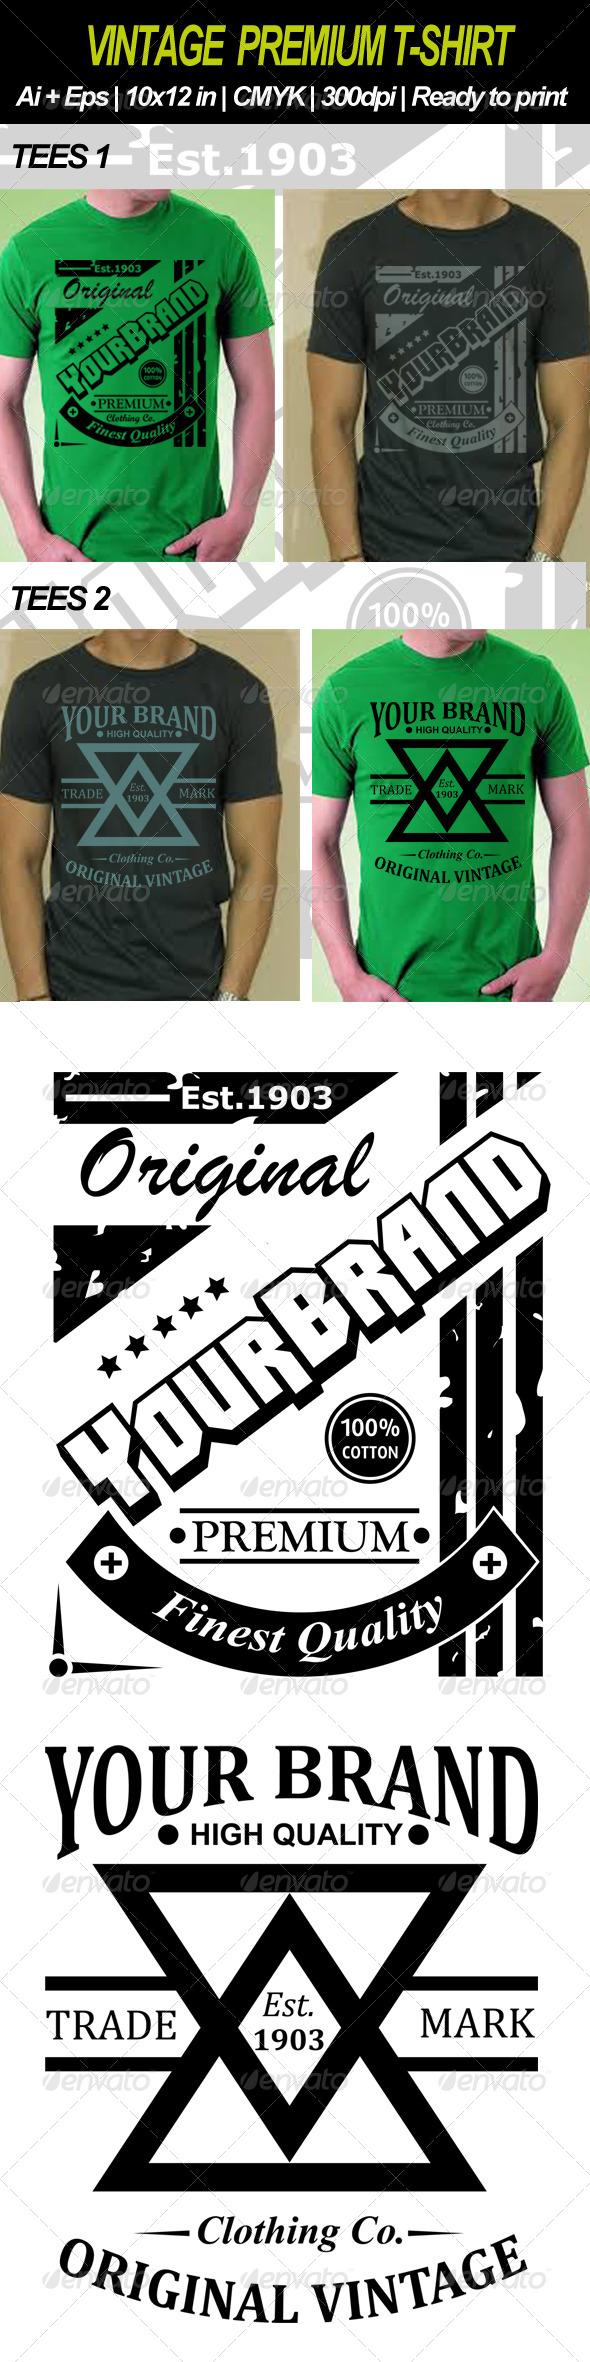 GraphicRiver Vintage Premium T-shirt 6851562